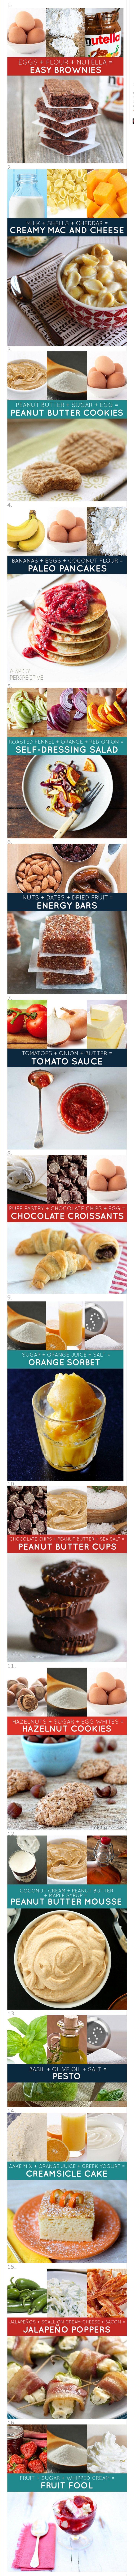 32 πανεύκολες συνταγές με μόνο 3 υλικά! |thetoc.gr